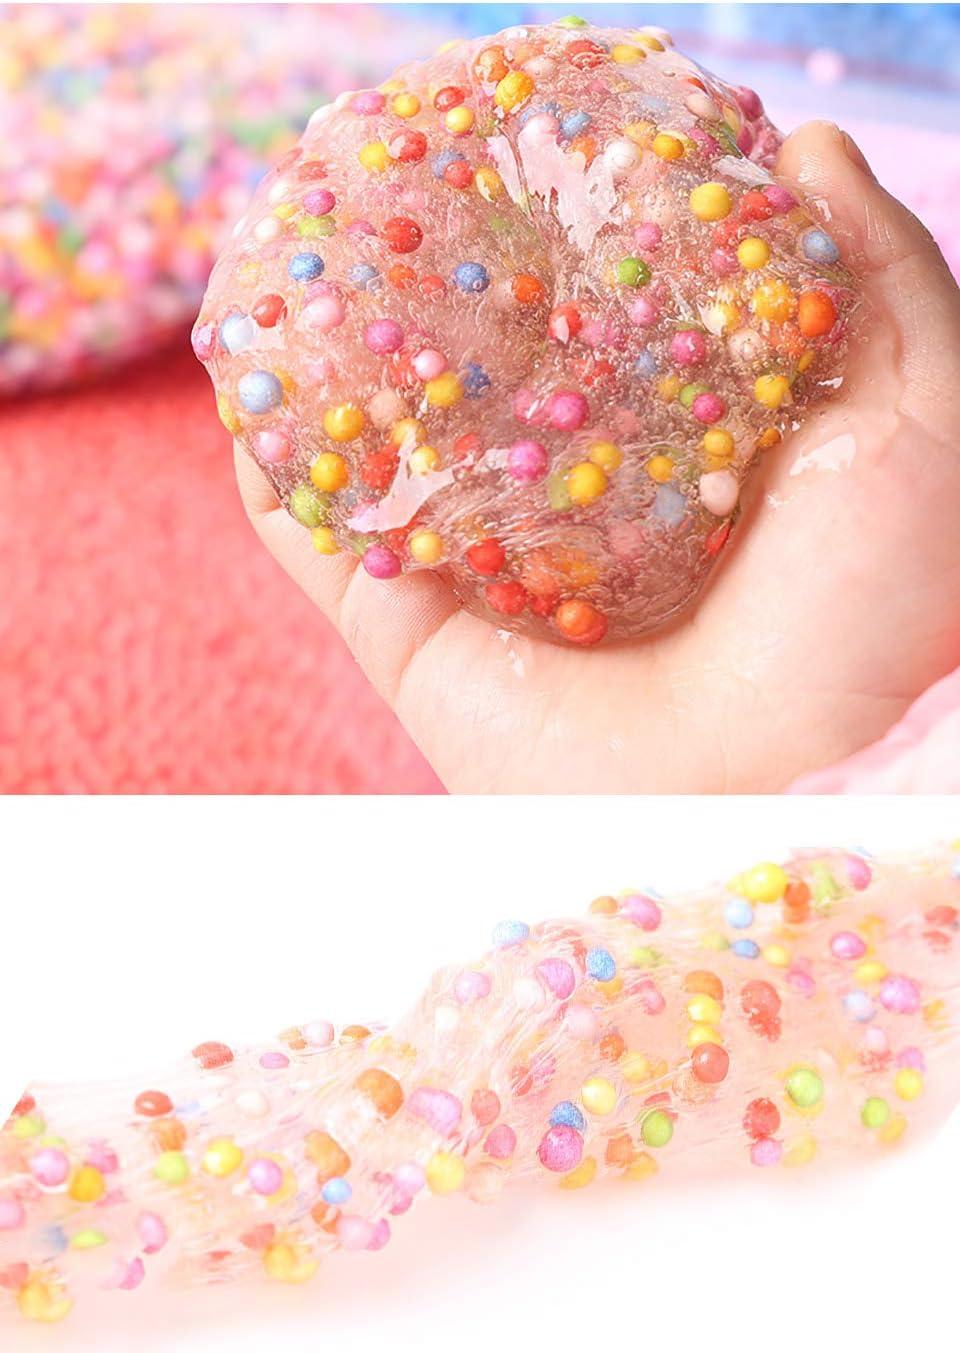 2.5-3.5mm espuma bolsa con aproximadamente 13000/ Amarillo cuentas para decoraci/ón /14000/piezas Wicemoon peque/ñas bolas de espuma de poliestireno